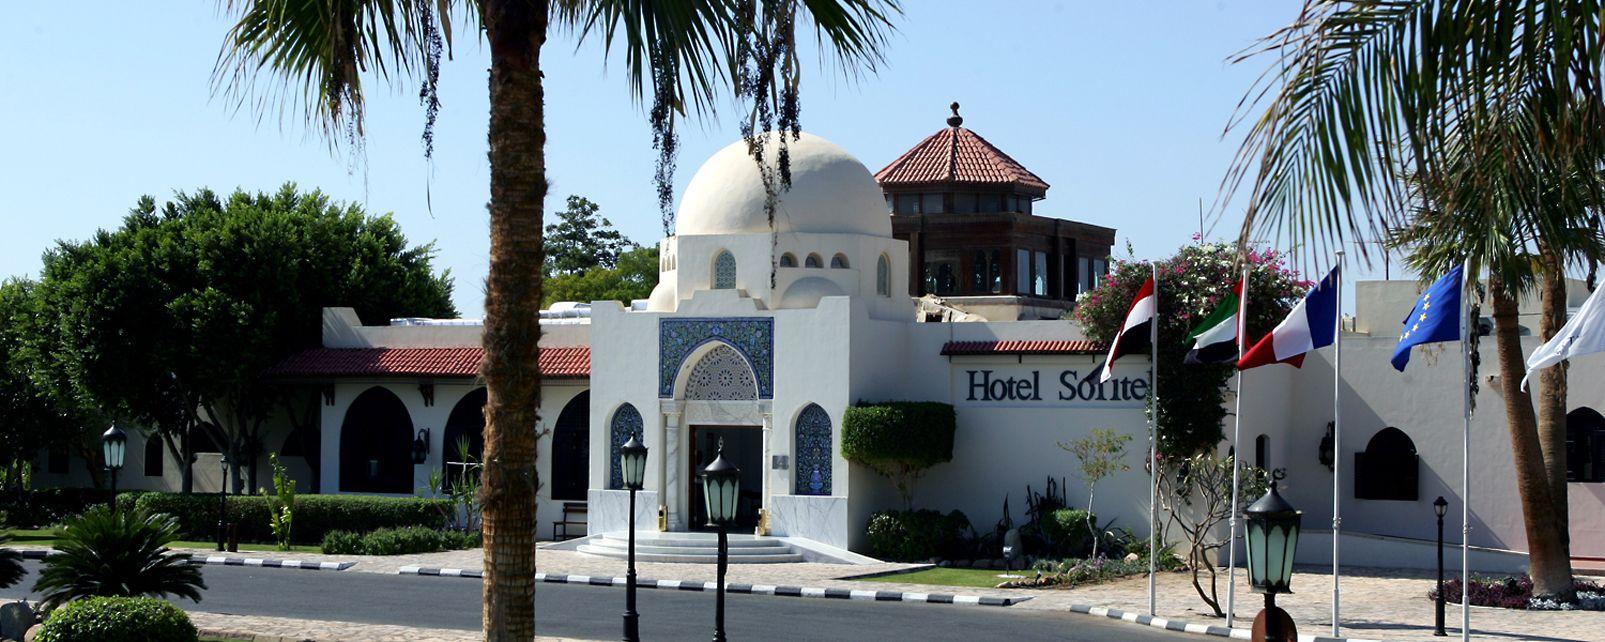 Hôtel Sofitel Sharm El Sheikh